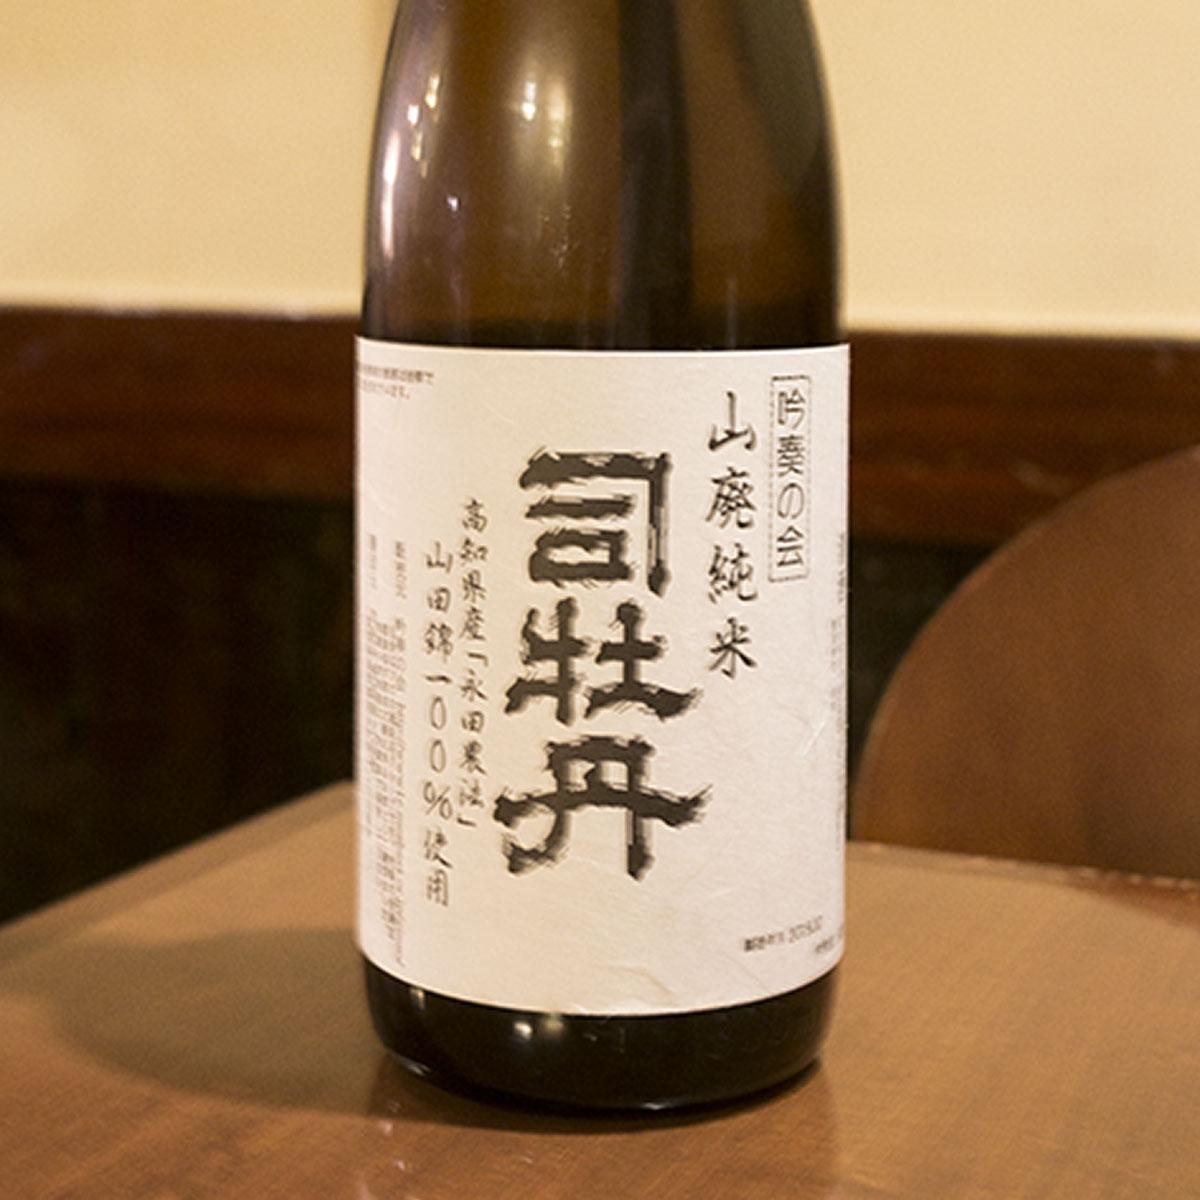 司牡丹 吟奏の会 山廃純米